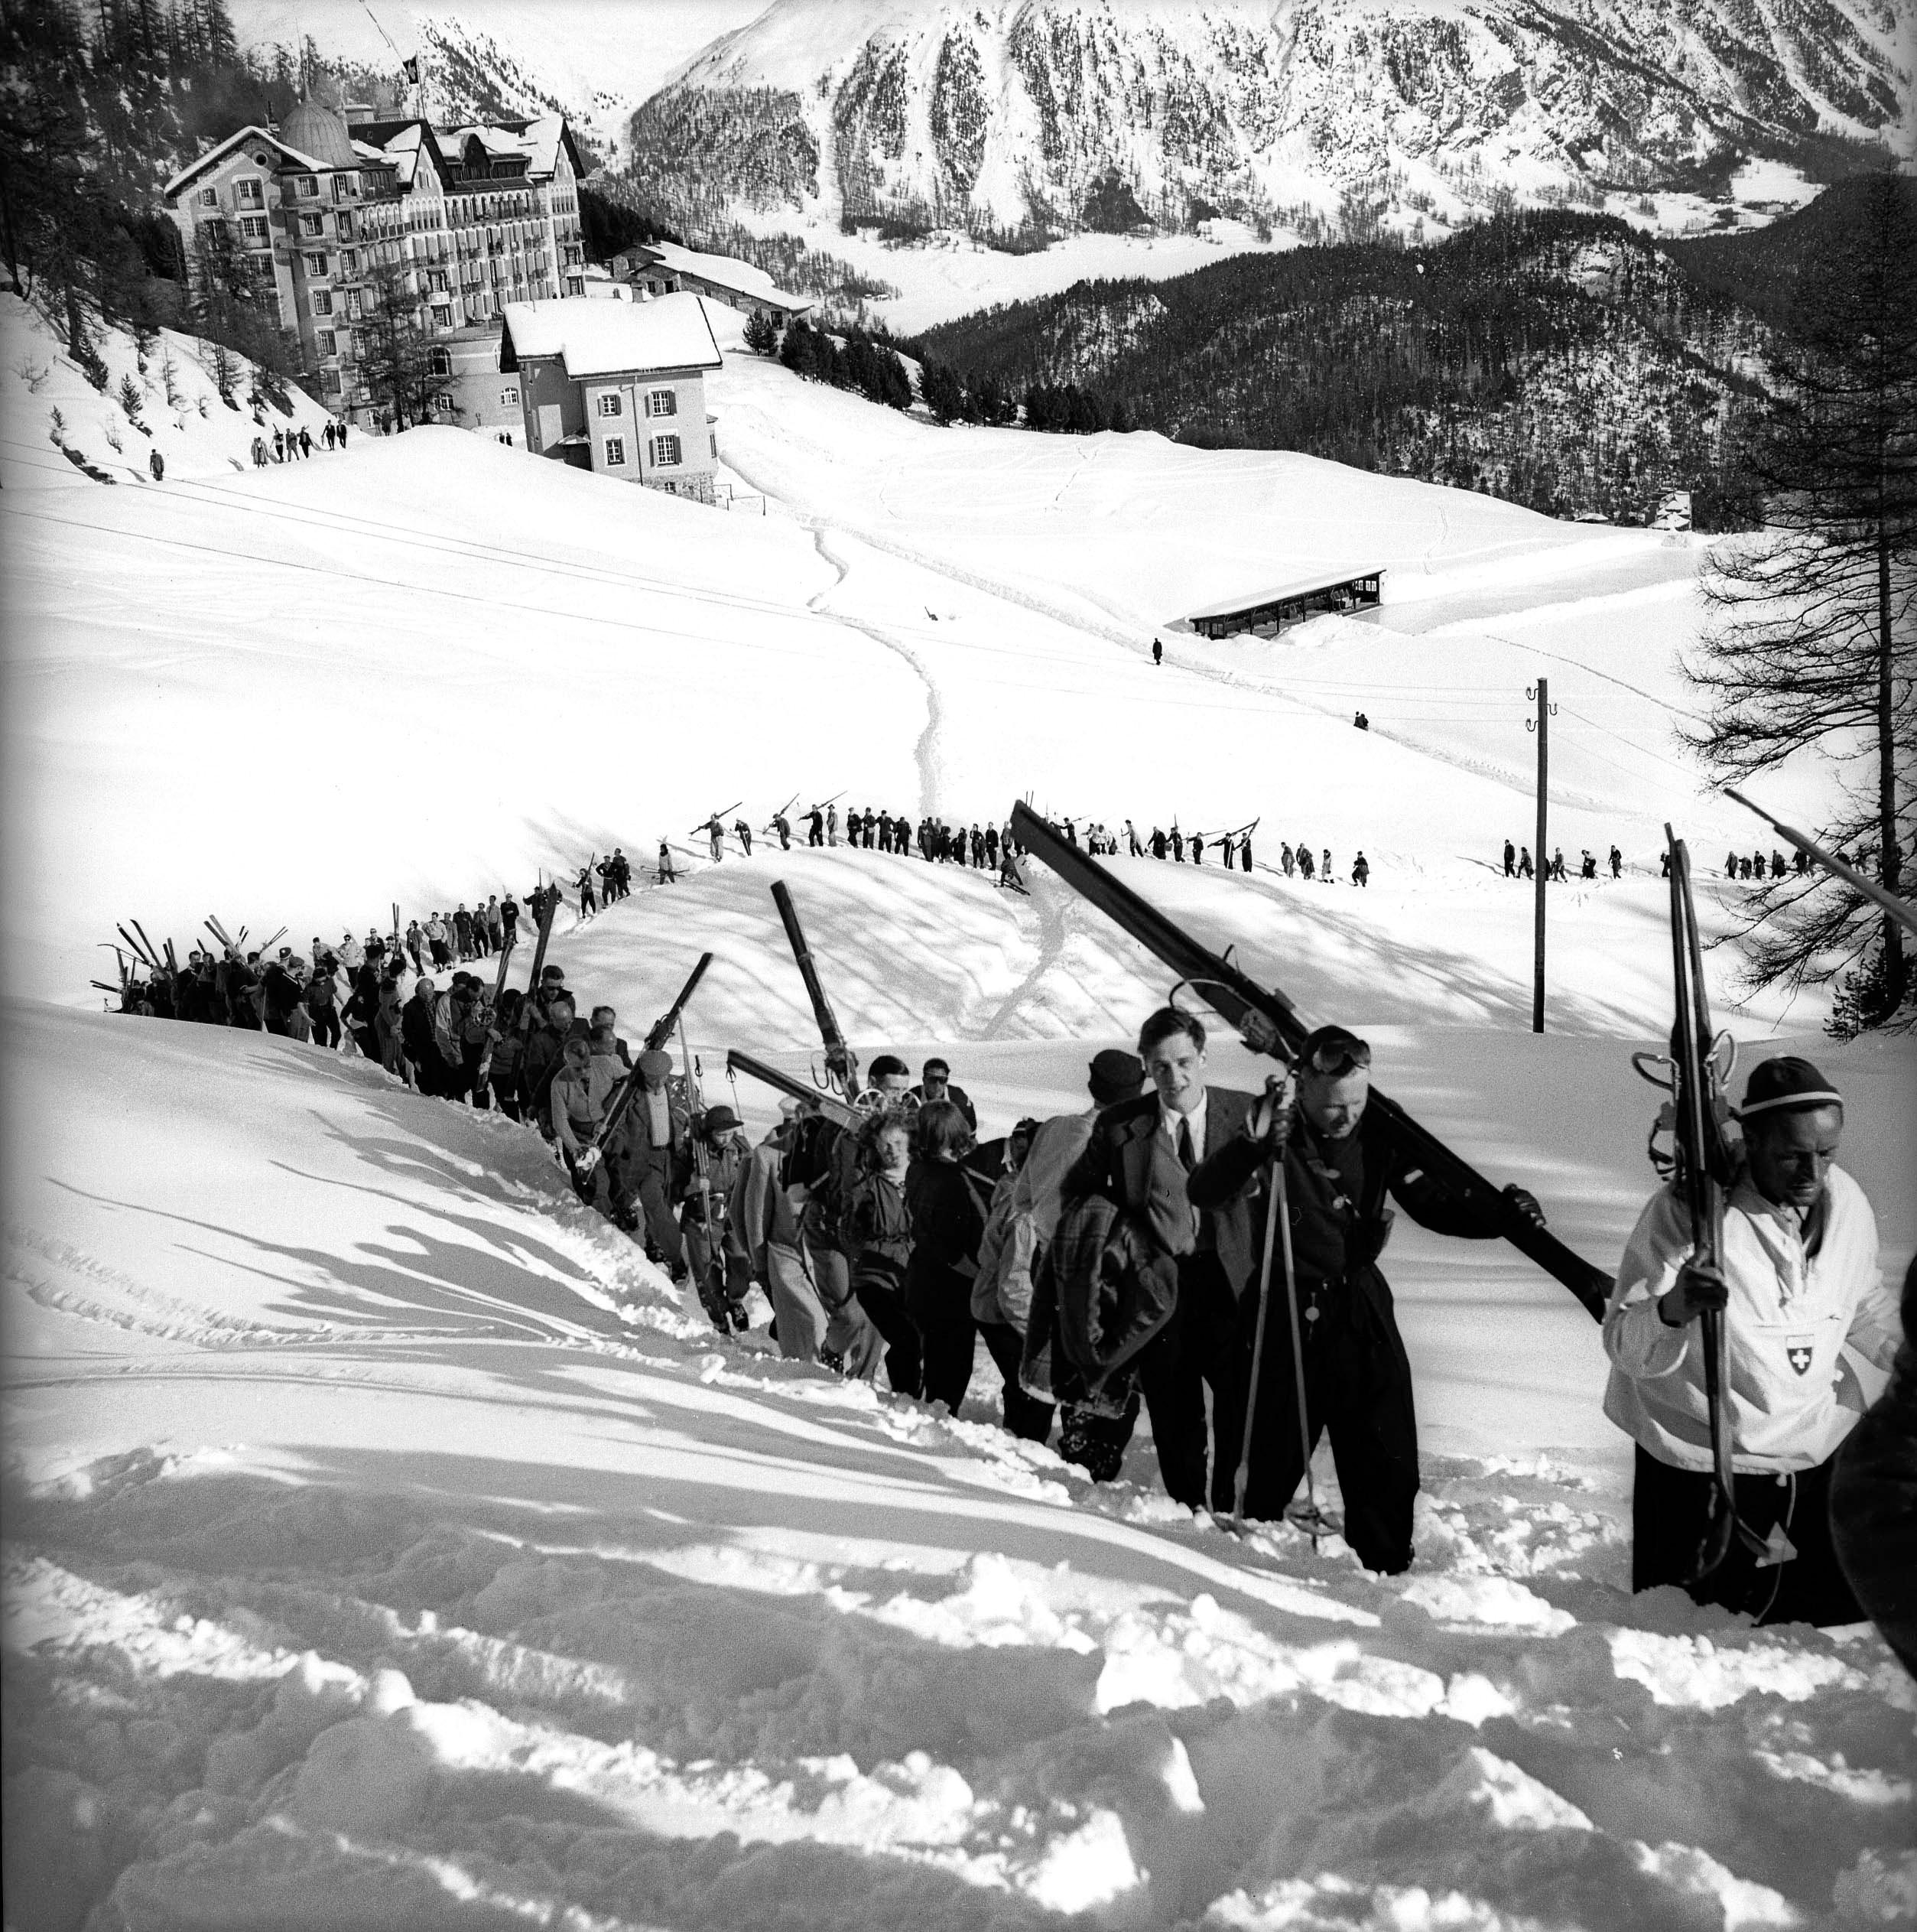 Il pubblico in marcia per assistere alle competizioni di sci alpino.